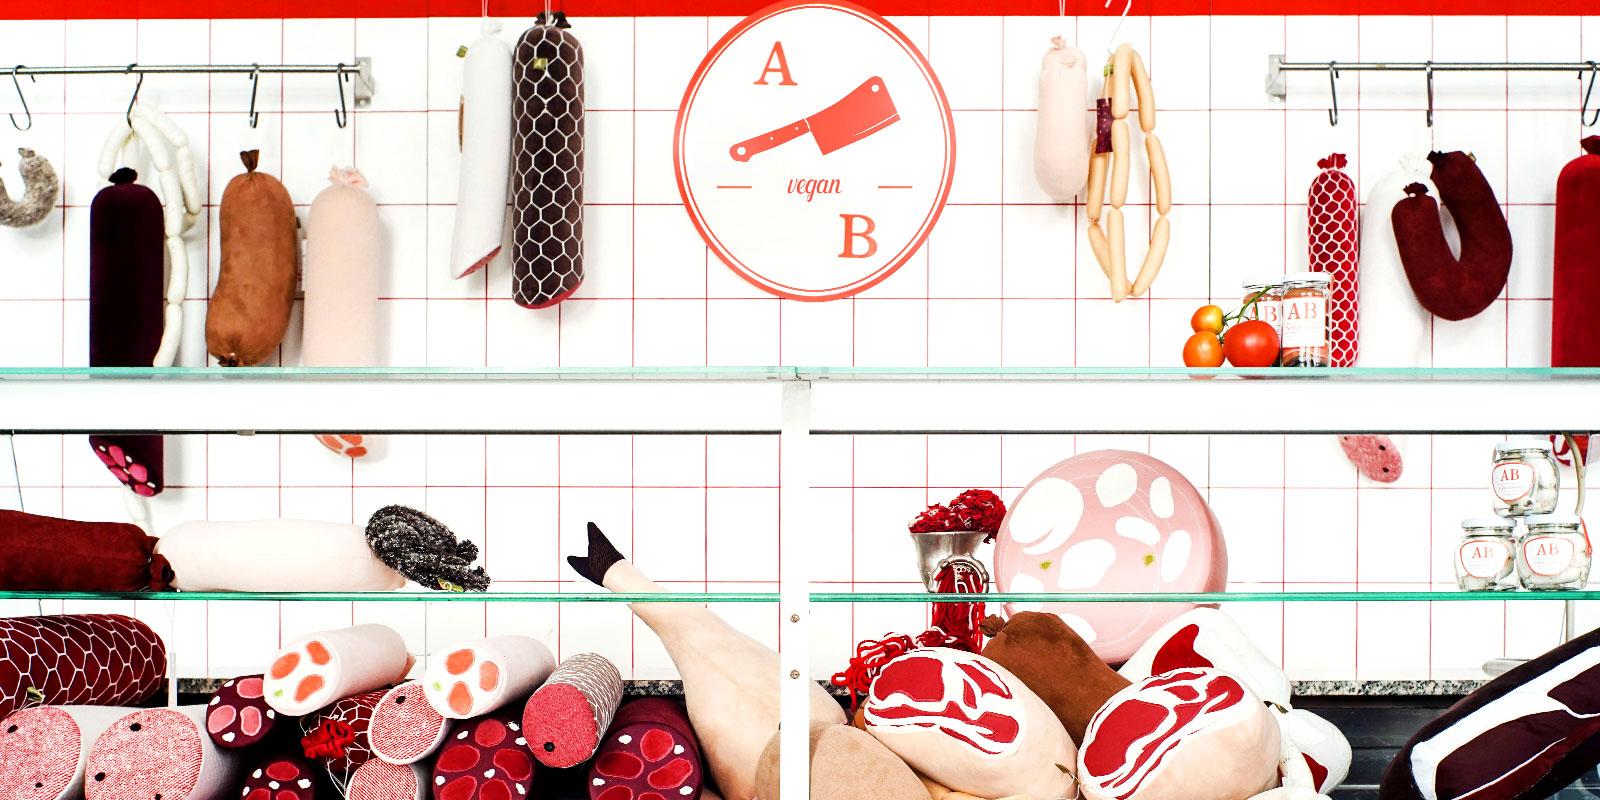 [Translate to Englisch:] Metzgereitheke mit Würsten und Fleischprodukten aus Stoff vom Label Aufschnitt